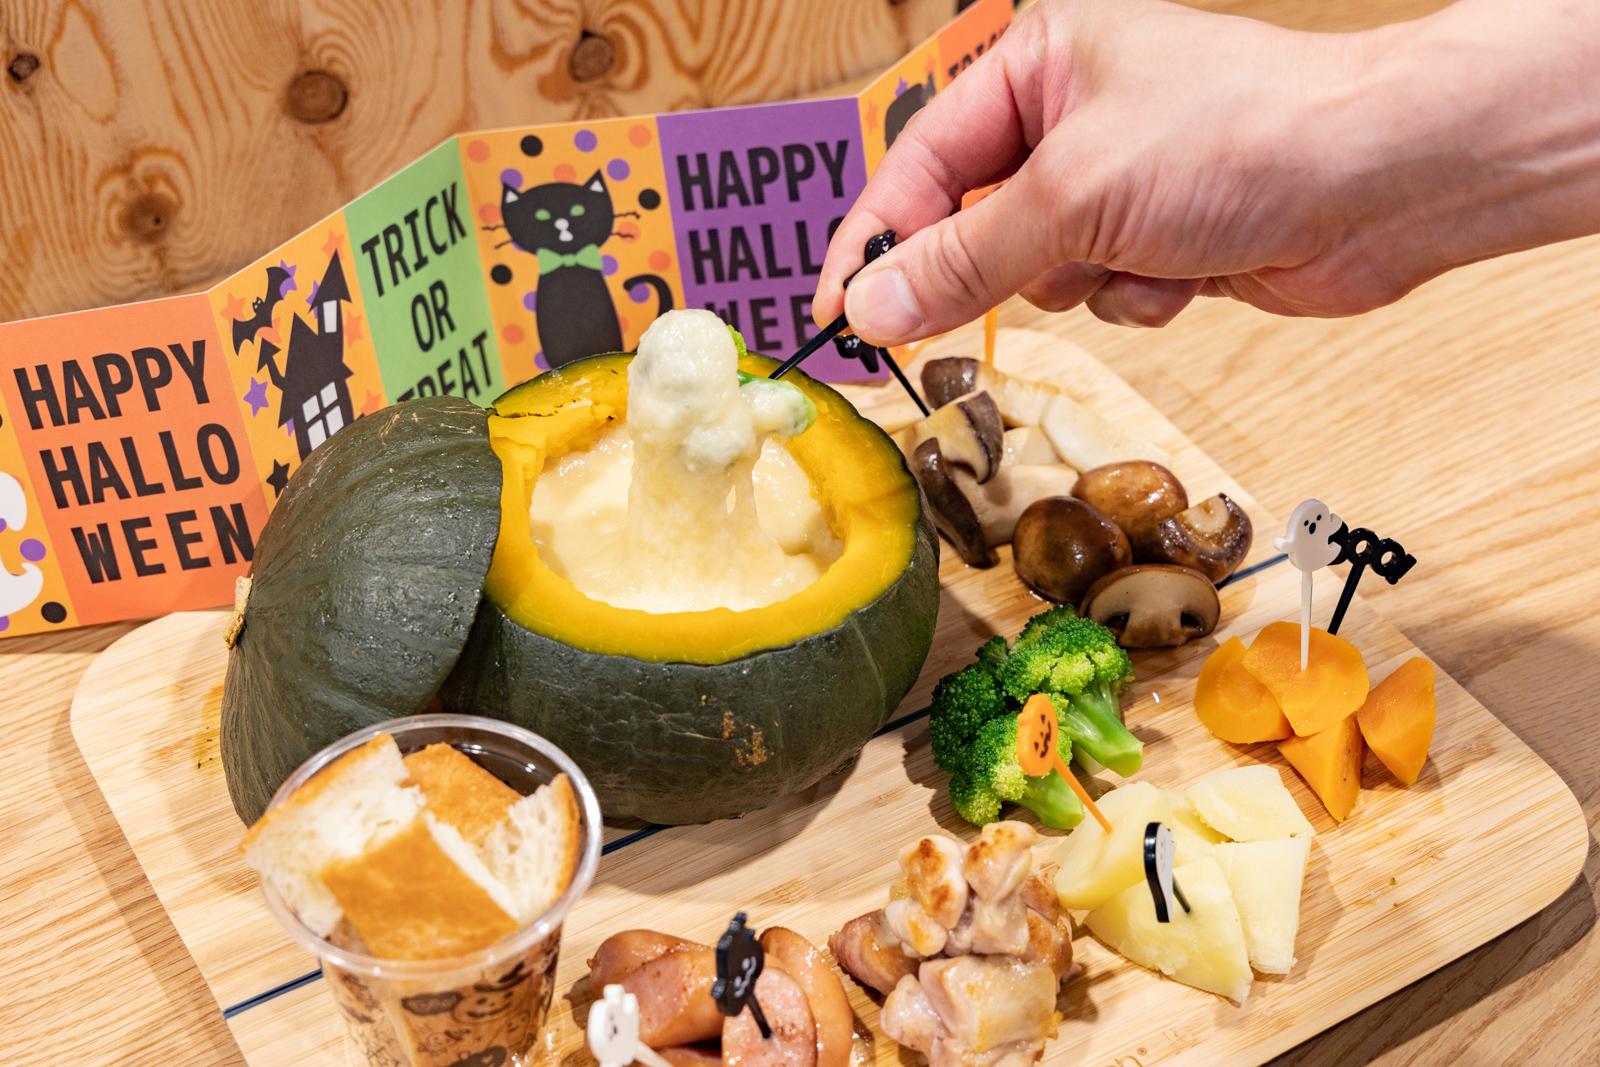 自宅でチーズフォンデュをやってみよう!インスタントポットを使ったおすすめ料理レシピ「かぼちゃを丸ごと使ったチーズフォンデュ」